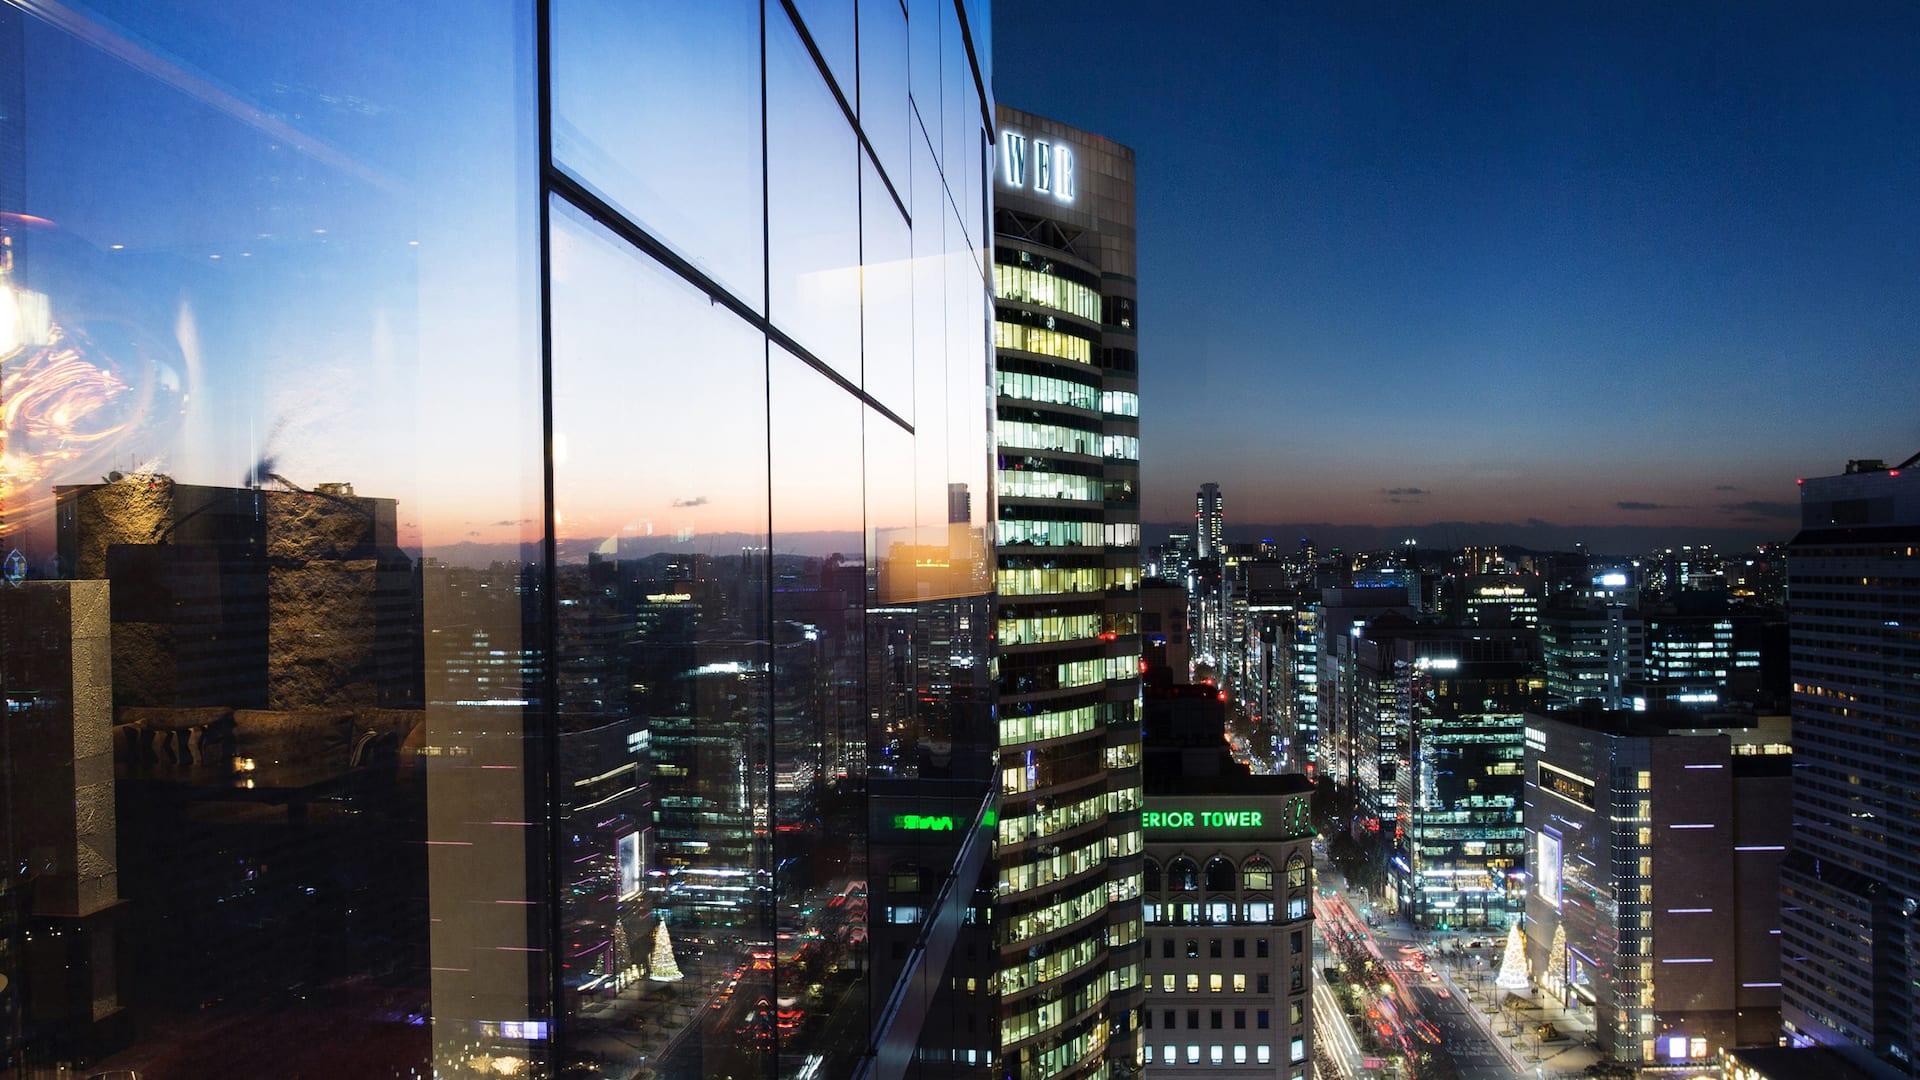 최고급 럭셔리 호텔 : 파크 하얏트 서울